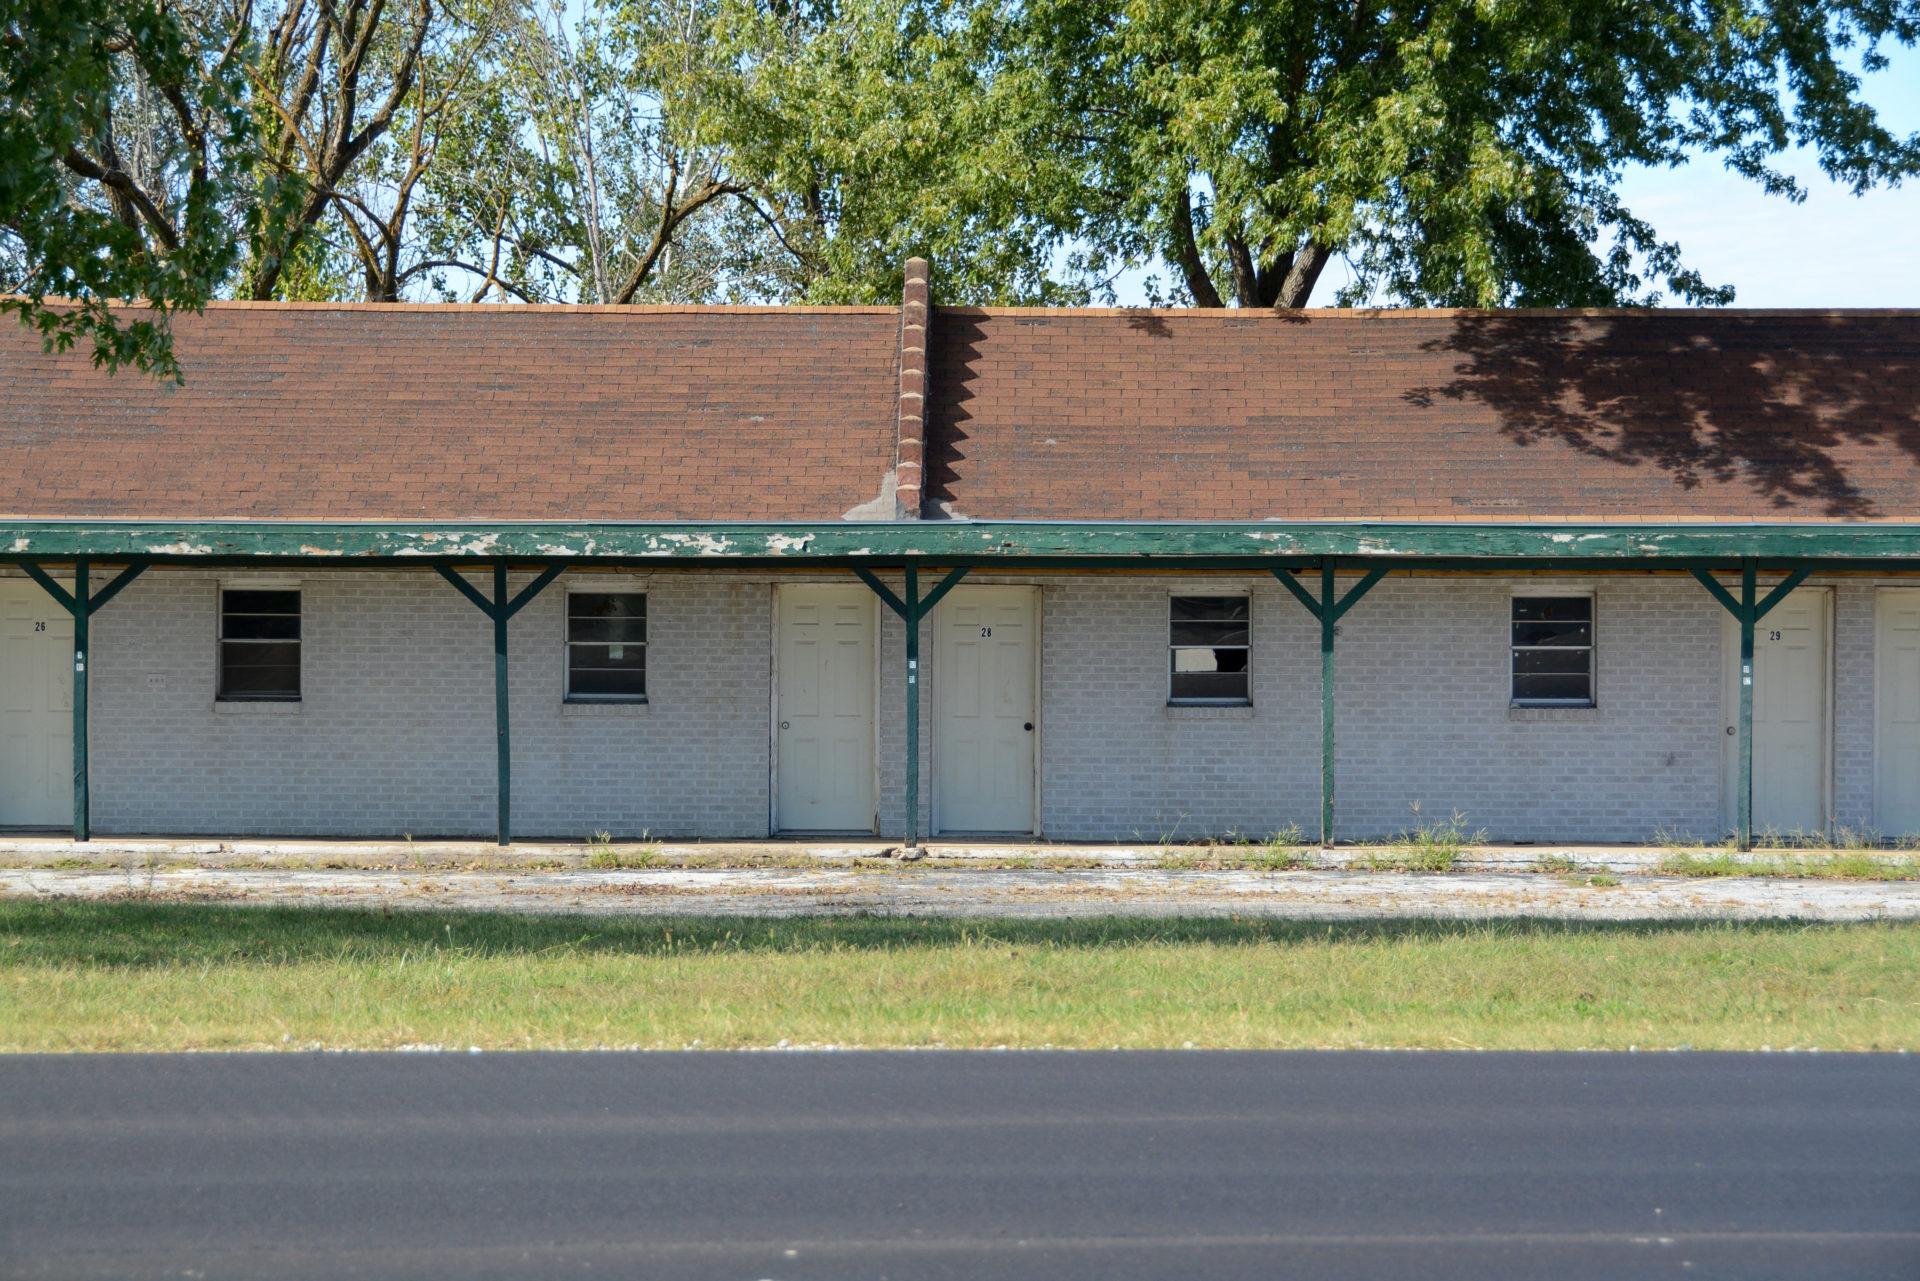 Verlassene Motel in Missouri an der Route 66